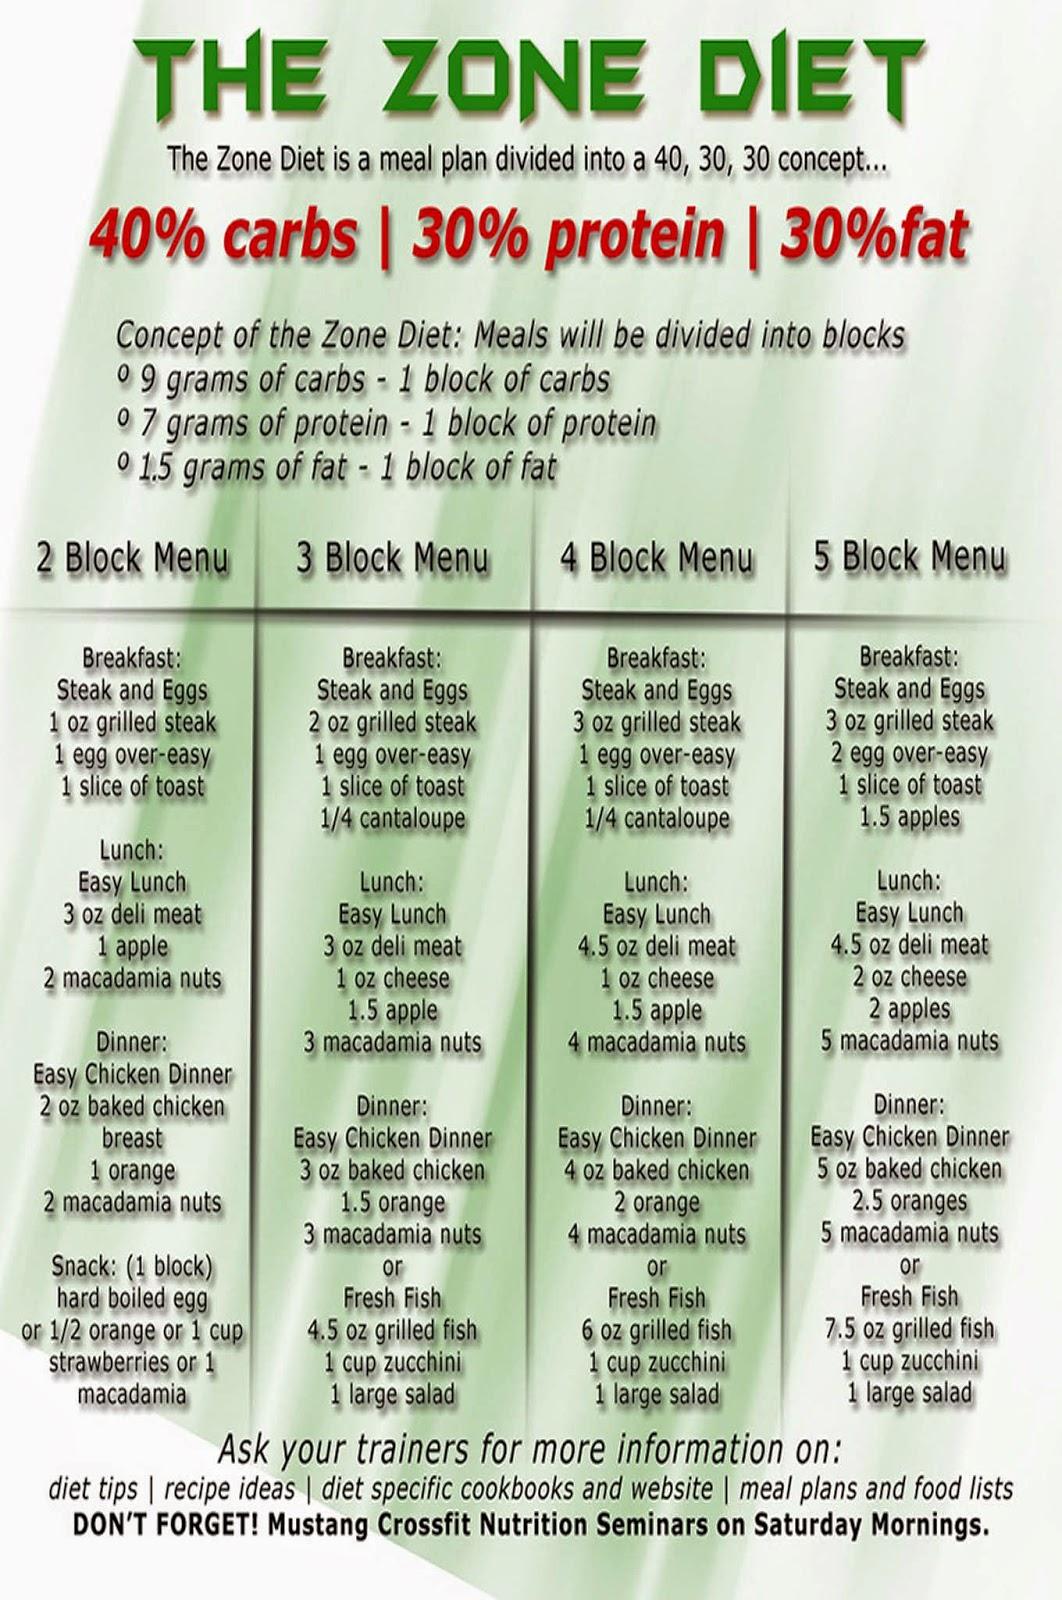 Diet Sehat, Murah, dan Mudah Tanpa Resiko